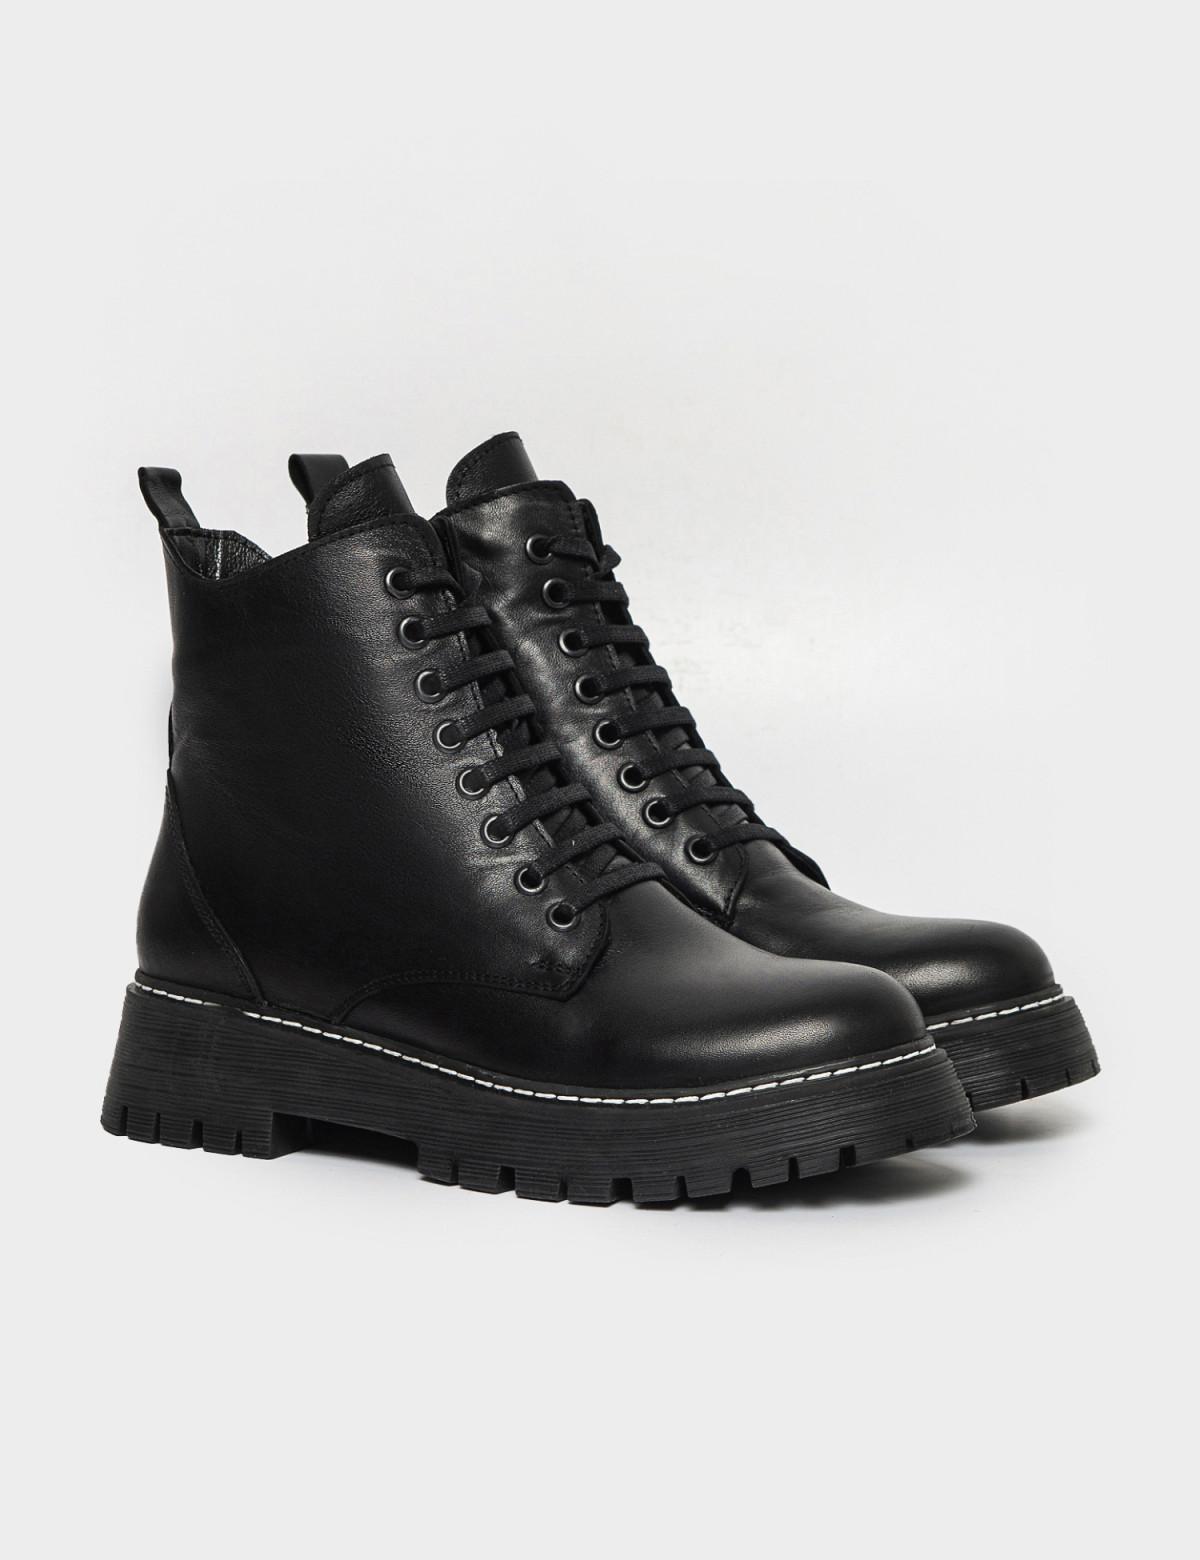 Ботинки черные. Натуральная кожа. Мех1